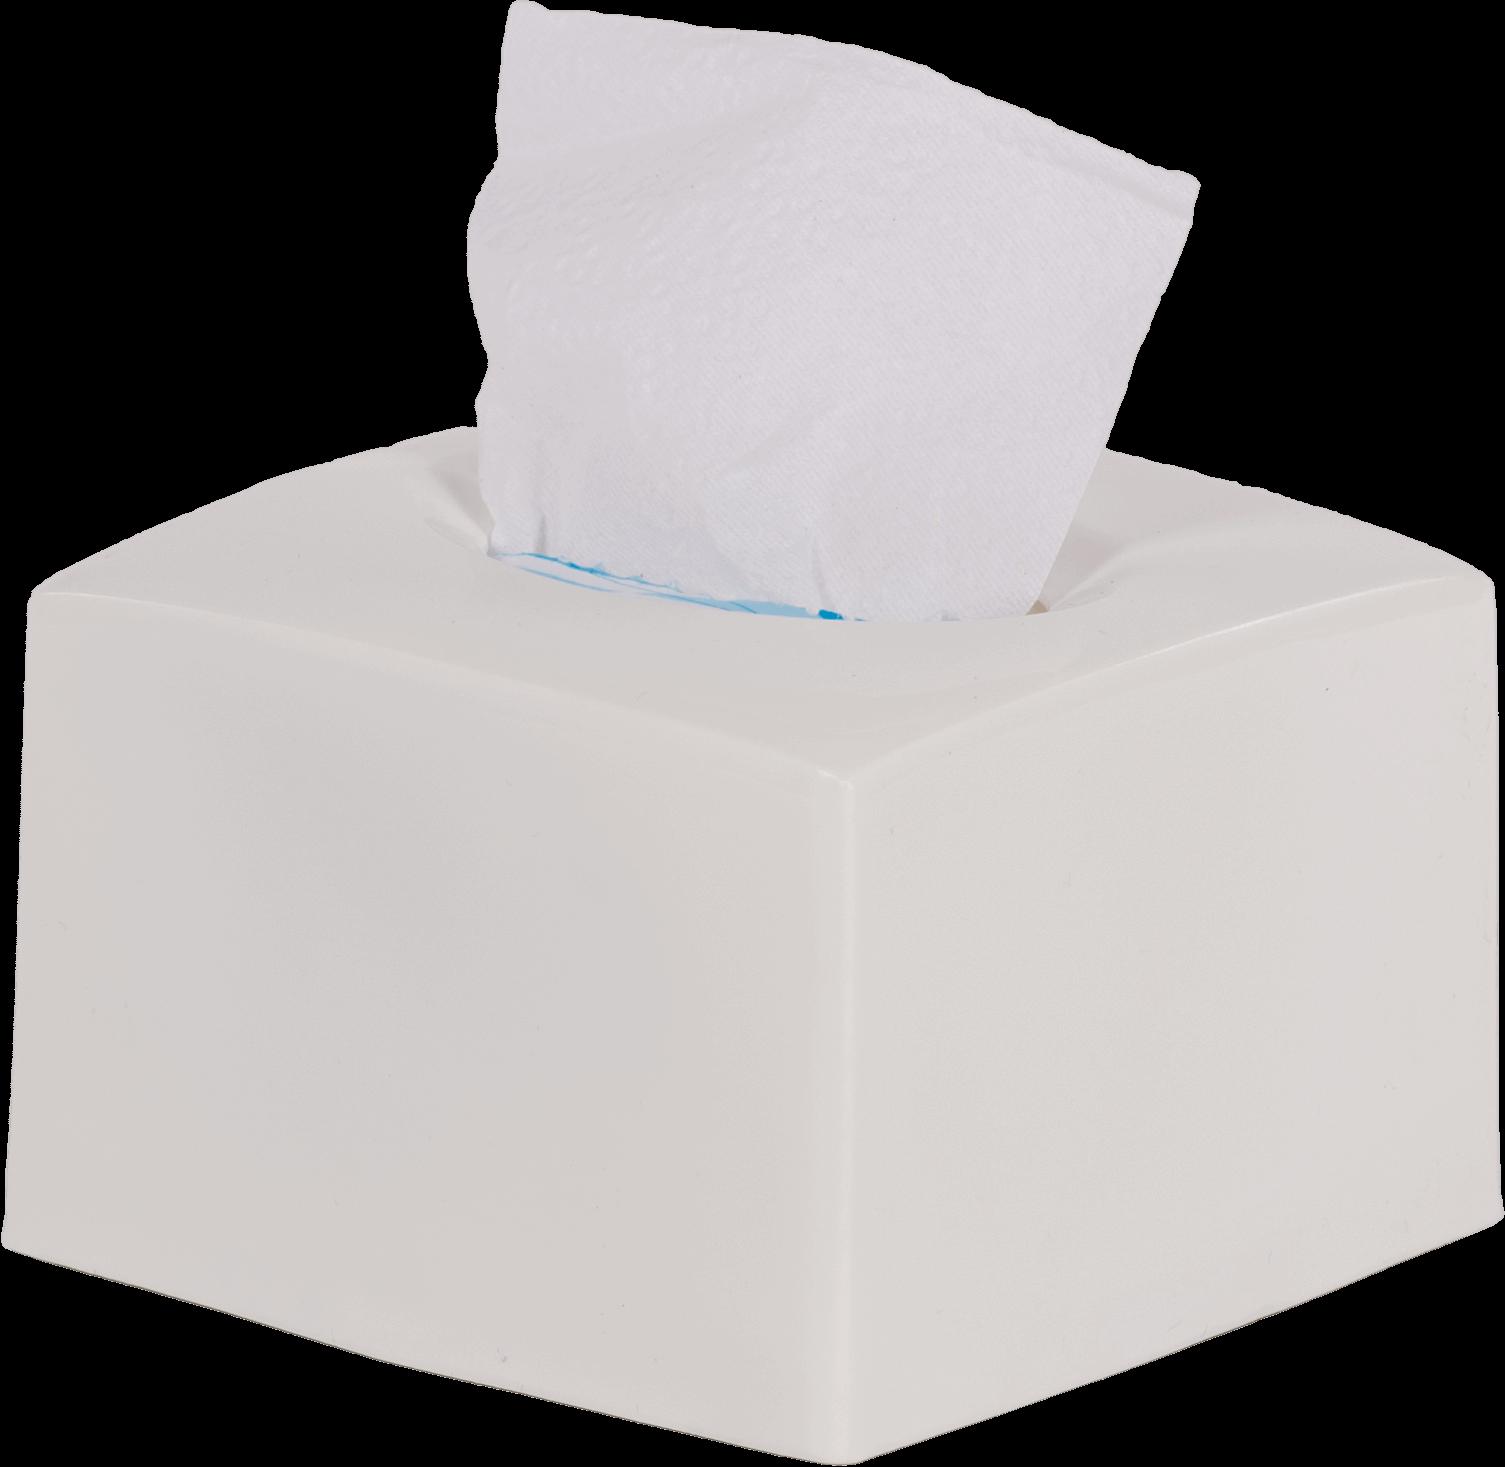 กล่องใส่กระดาษเช็ดปาก Pop-Up